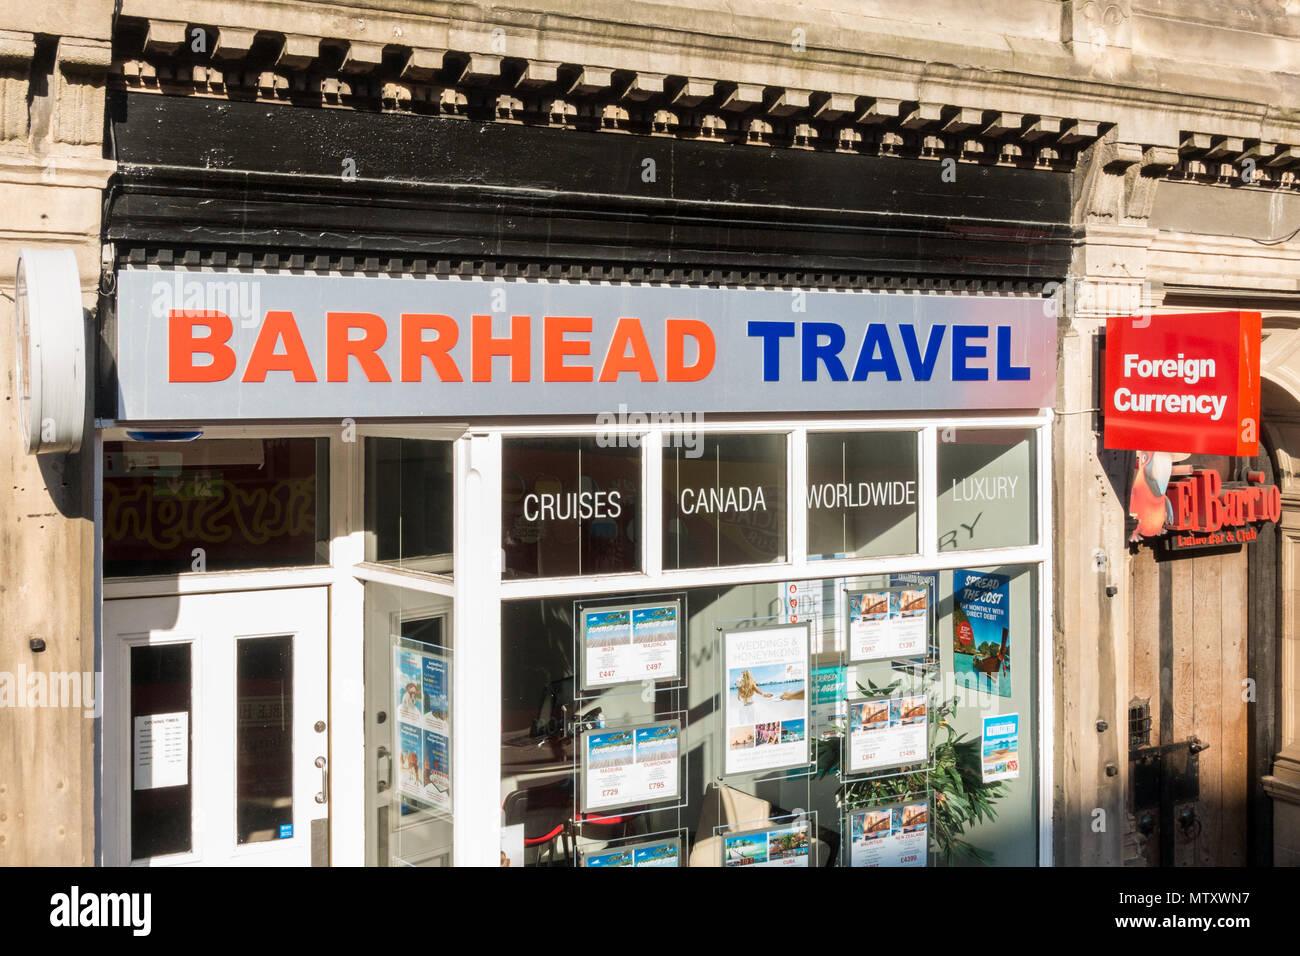 Barrhead Travel, agence de voyage écossais appartient maintenant à des dirigeants de Voyage groupe, Hanover Street, Édimbourg, Écosse, Royaume-Uni Photo Stock